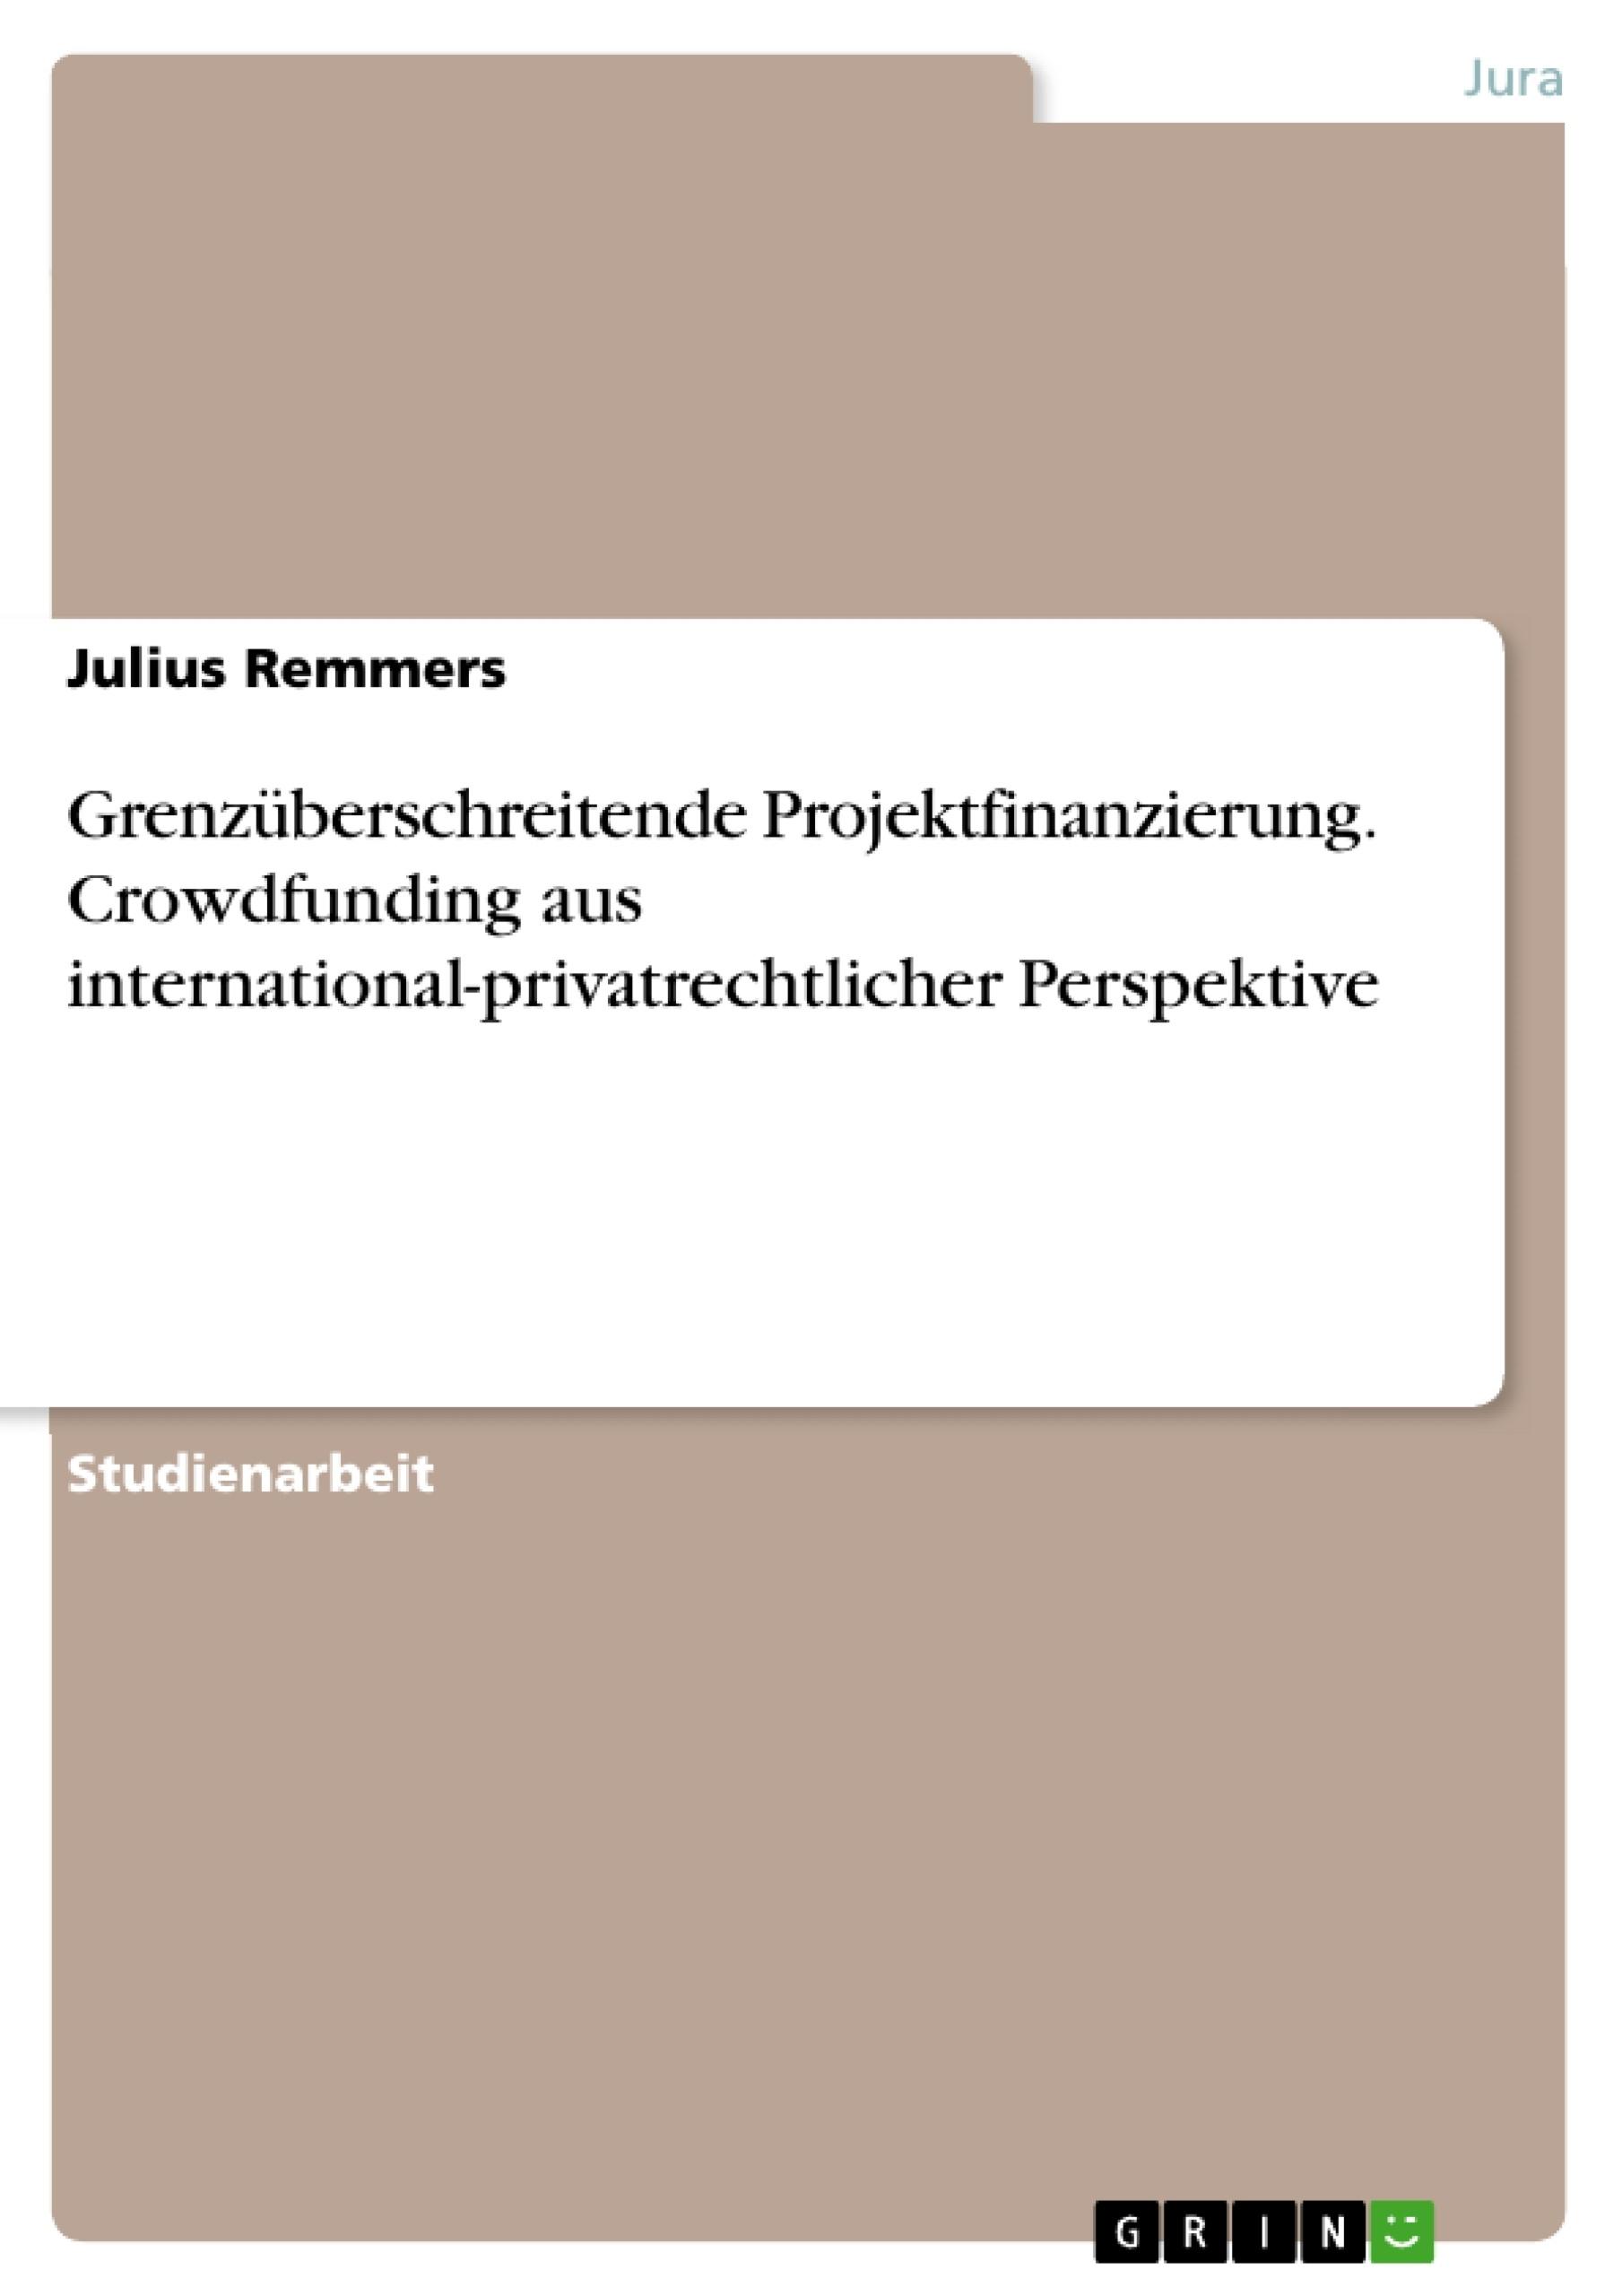 Titel: Grenzüberschreitende Projektfinanzierung. Crowdfunding aus international-privatrechtlicher Perspektive